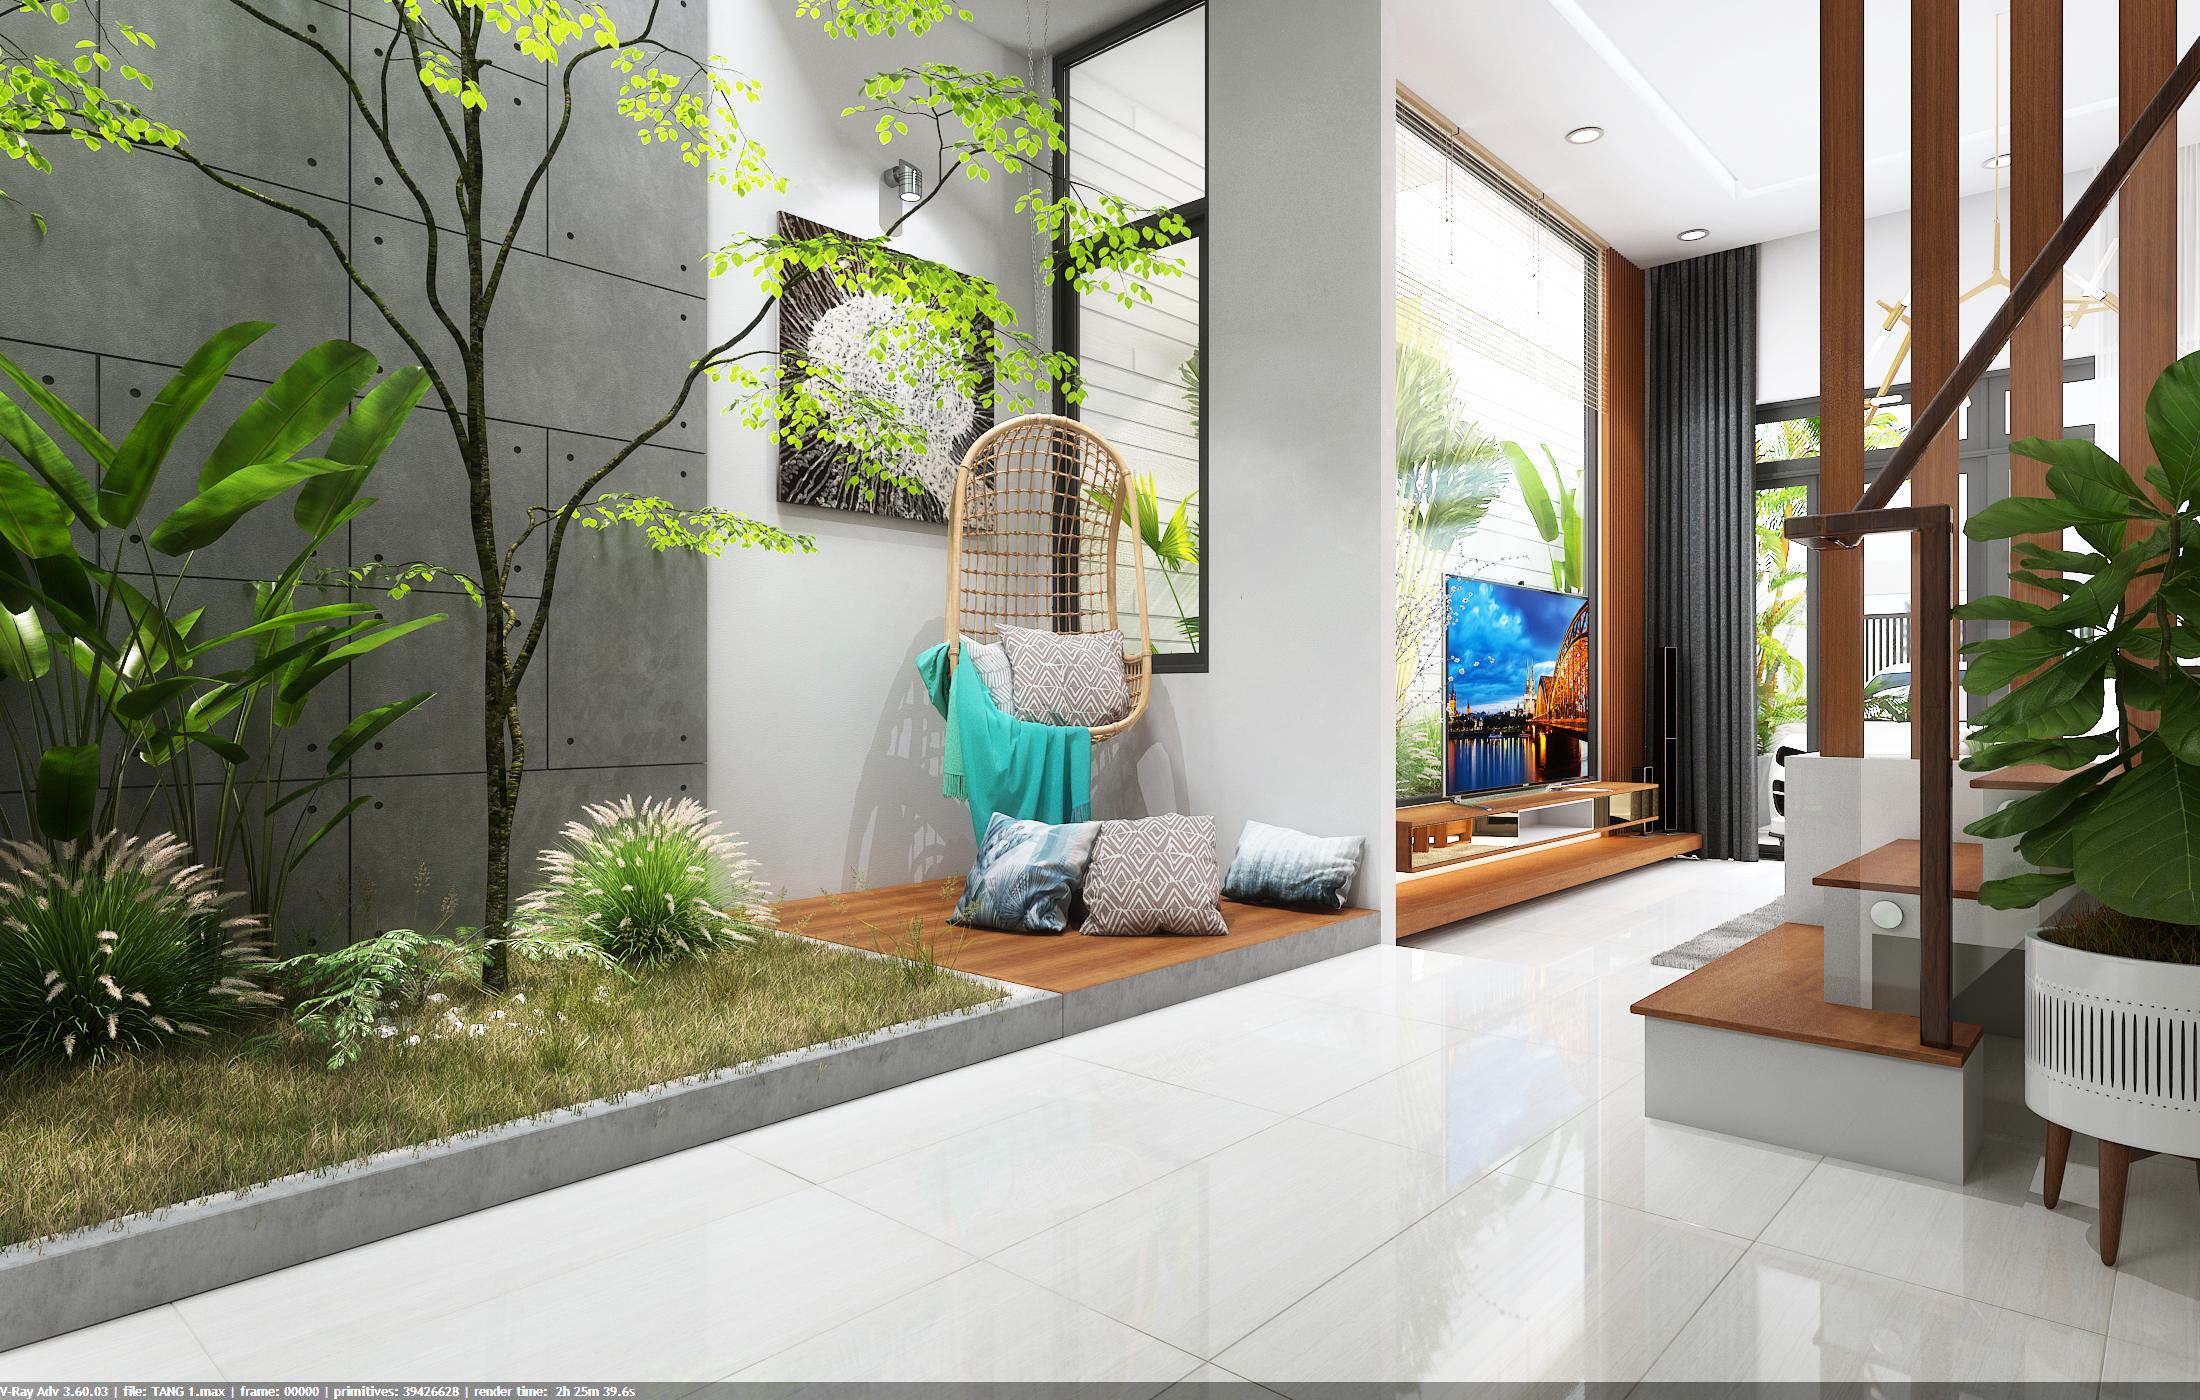 thiết kế nội thất Nhà Mặt Phố tại Đà Nẵng Loc House Interior 3 1548312552